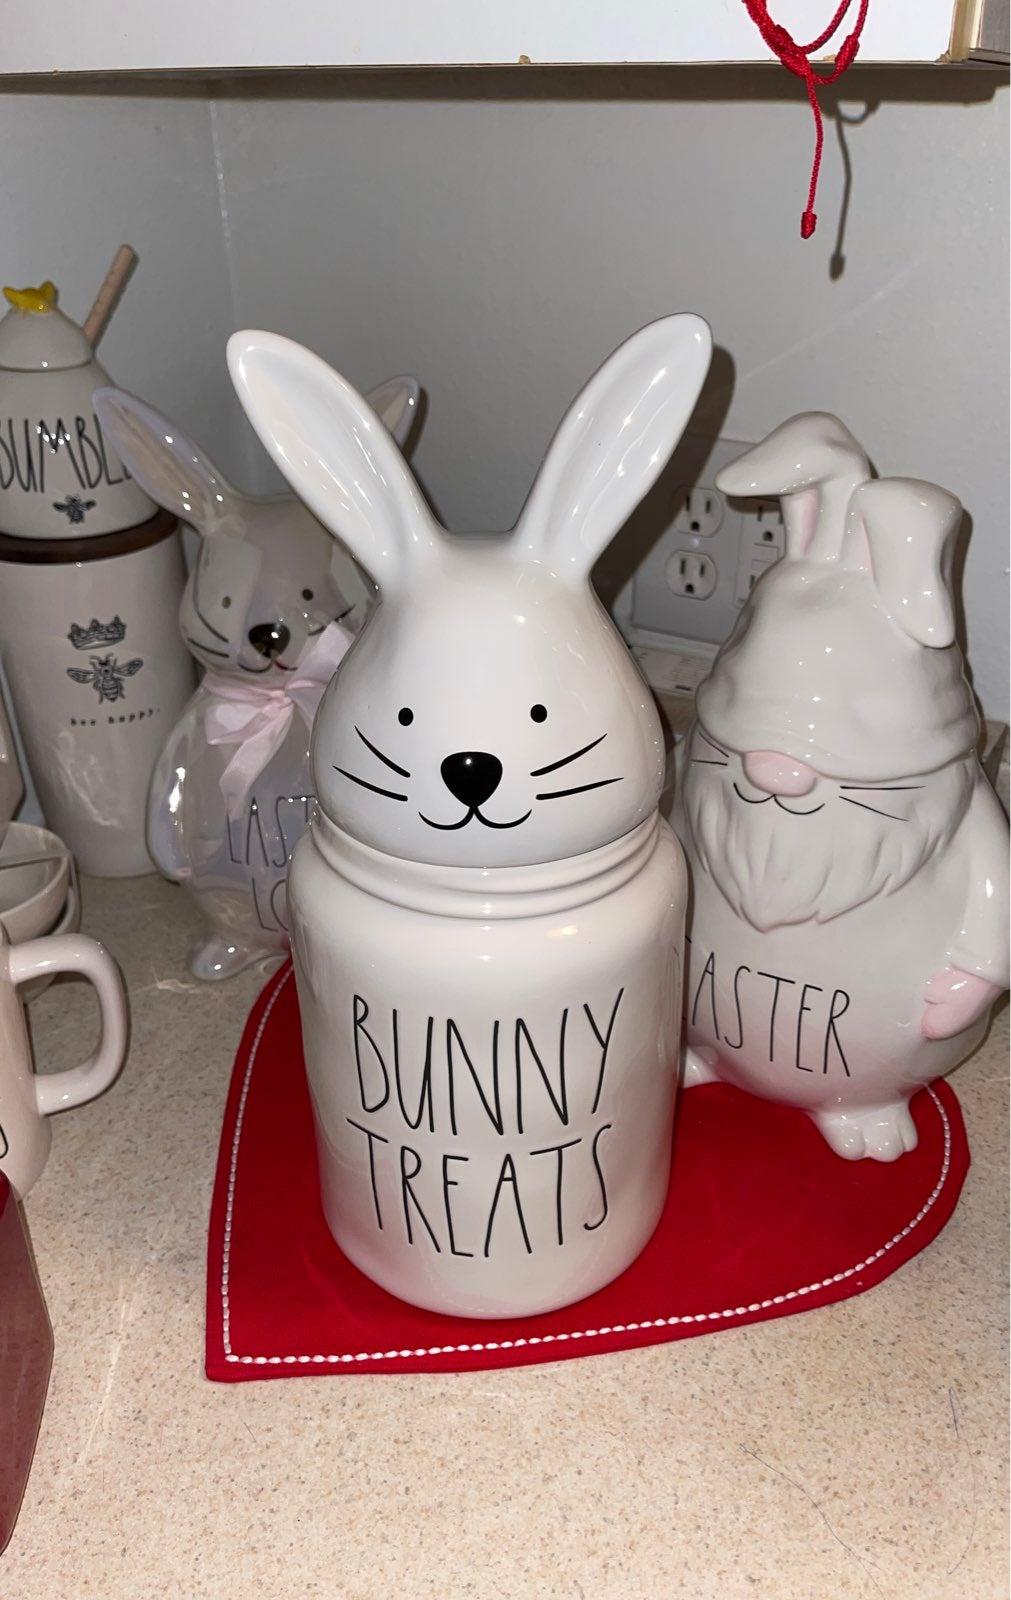 Rae Dunn bunny treats canister